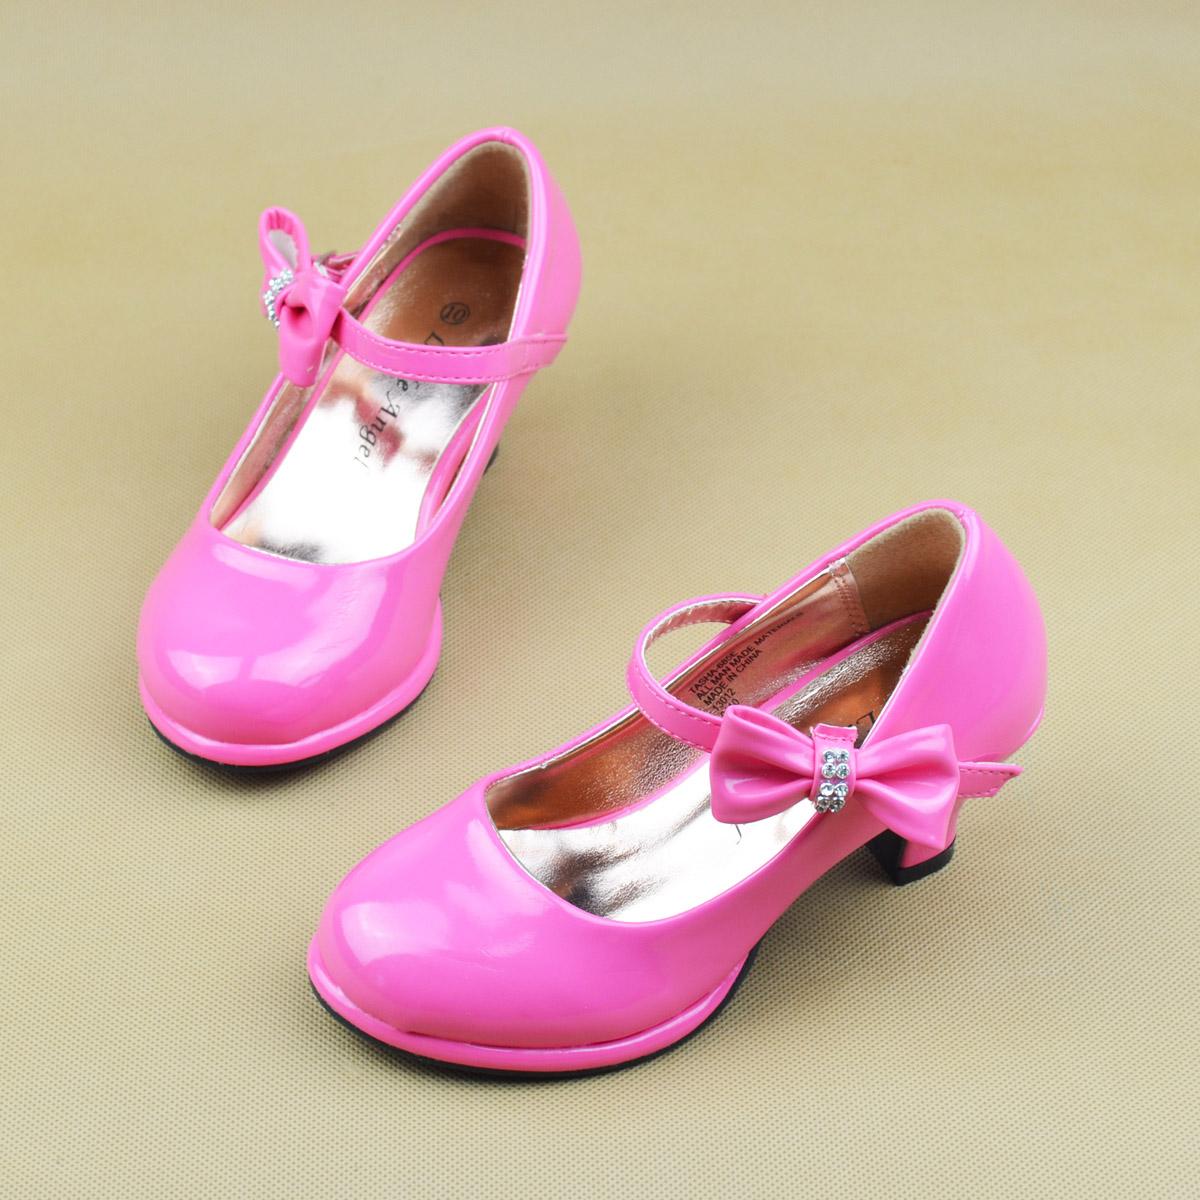 儿童皮鞋女童高跟鞋_女童高跟鞋公主鞋_女童